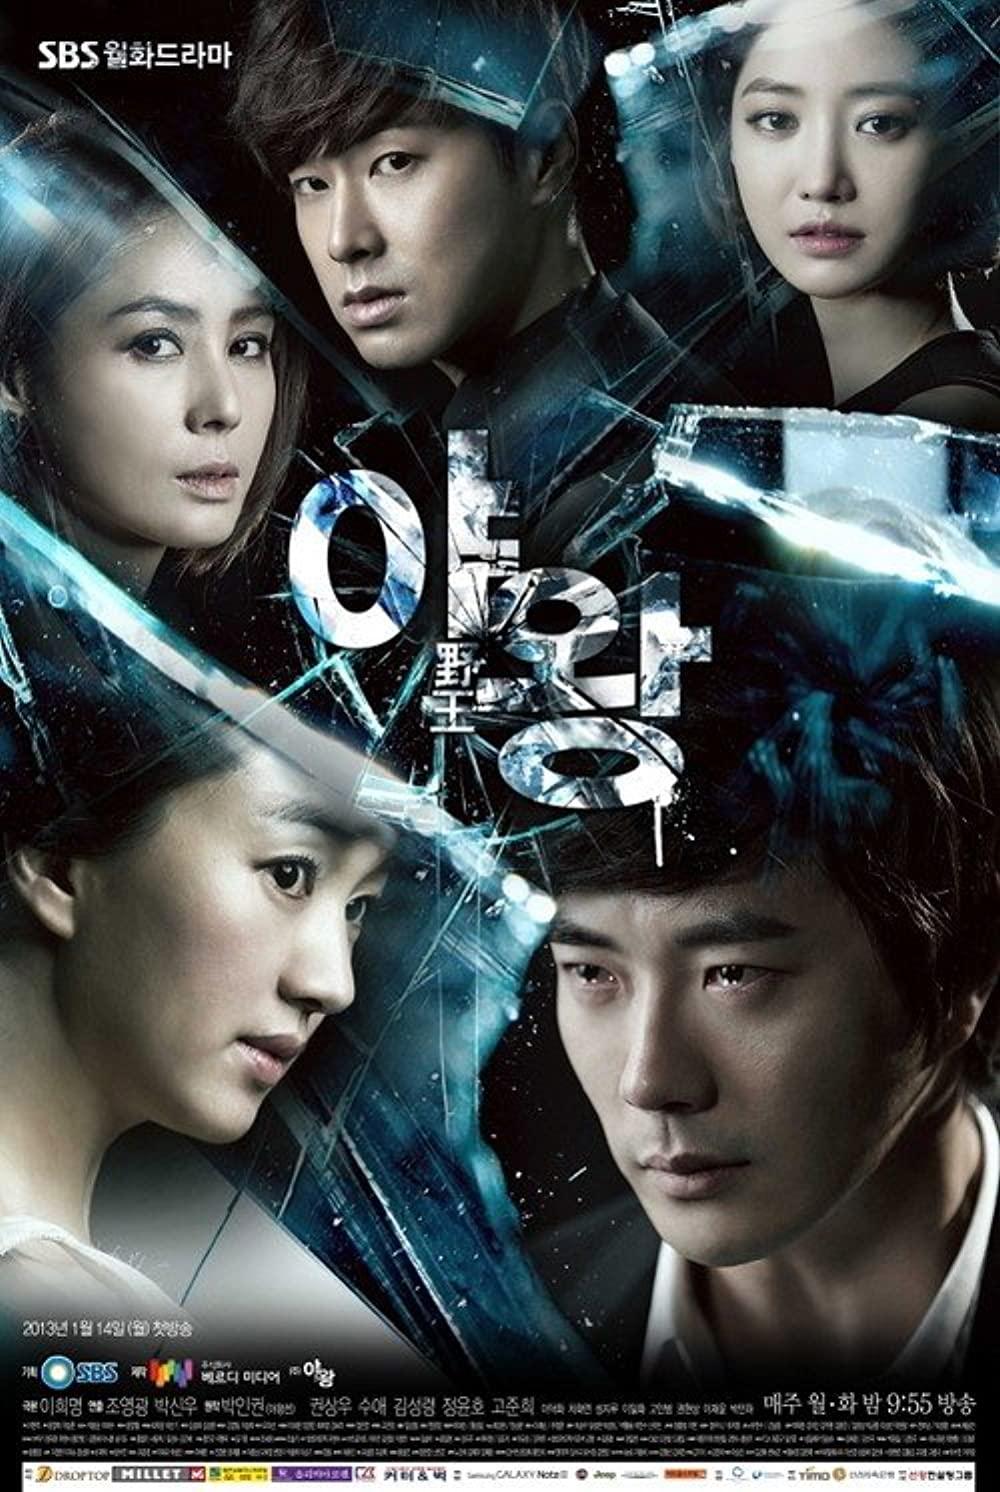 Kwon Sang Woo phim Dã vương - Queen of Ambition (2013)